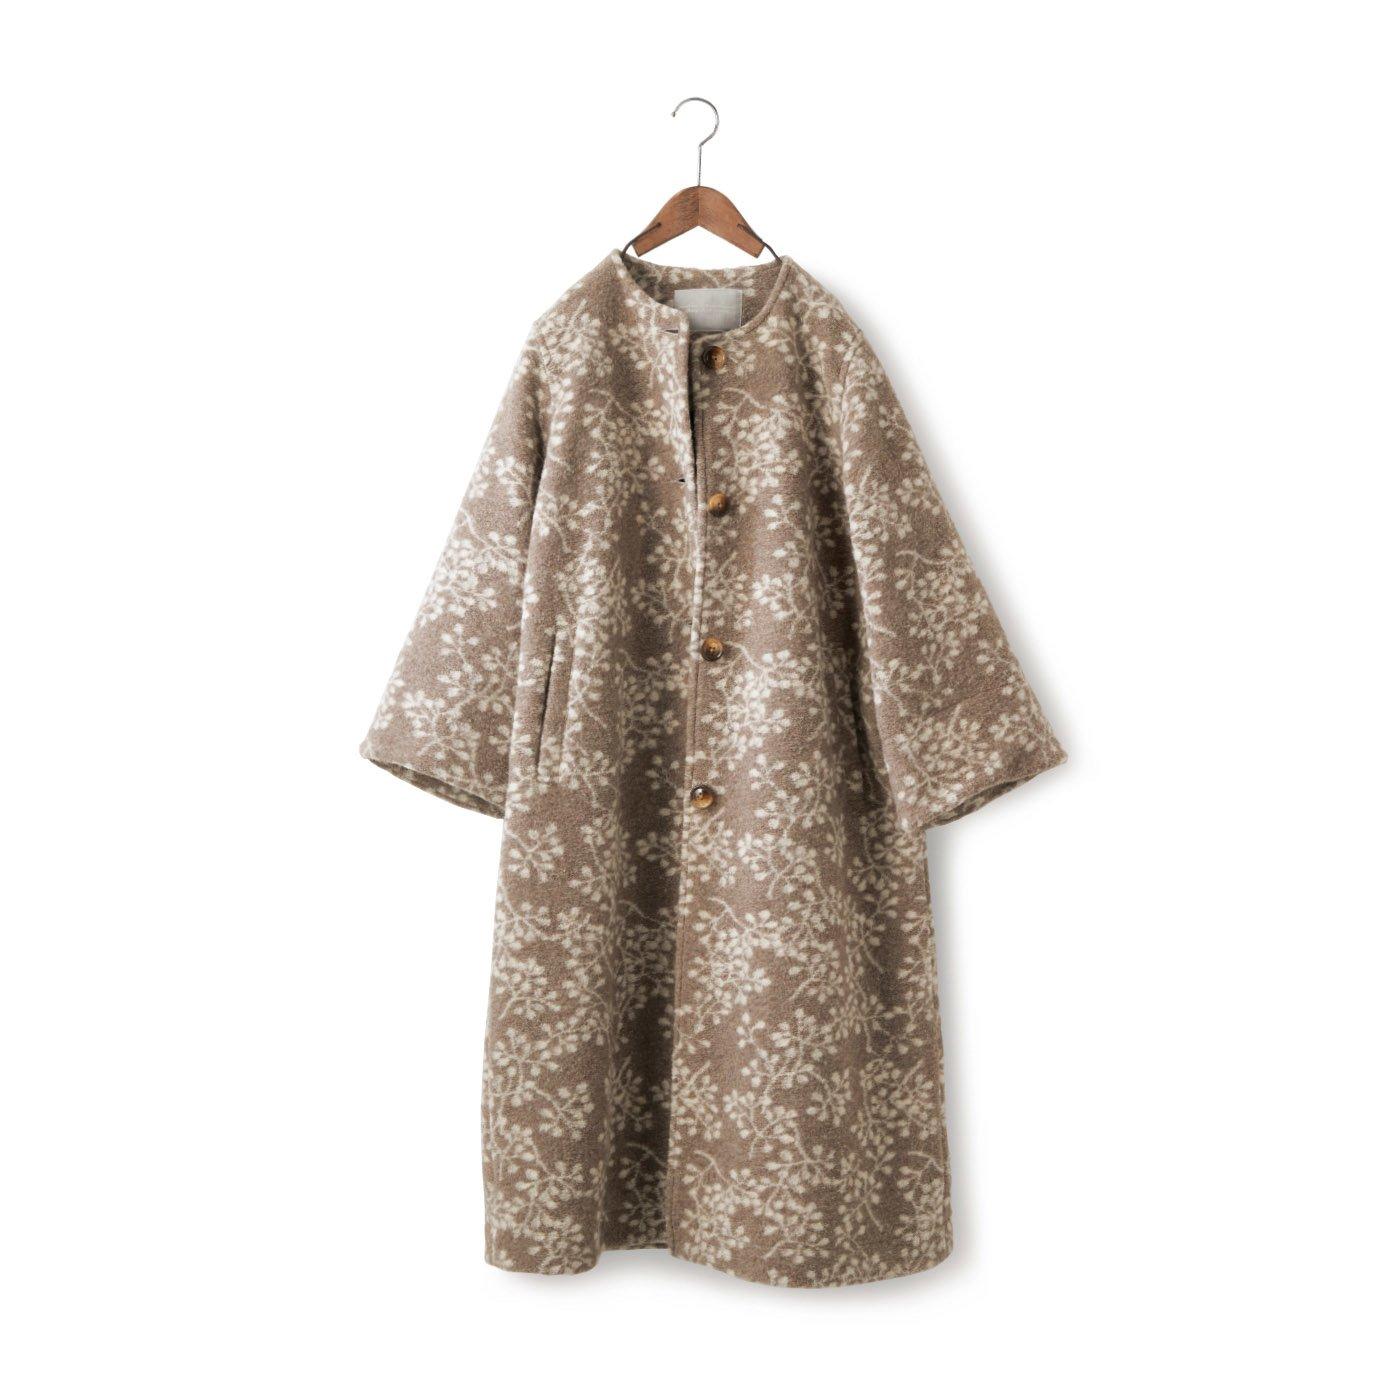 SUNNY CLOUDS 木の葉模様の縮絨コート〈レディース〉